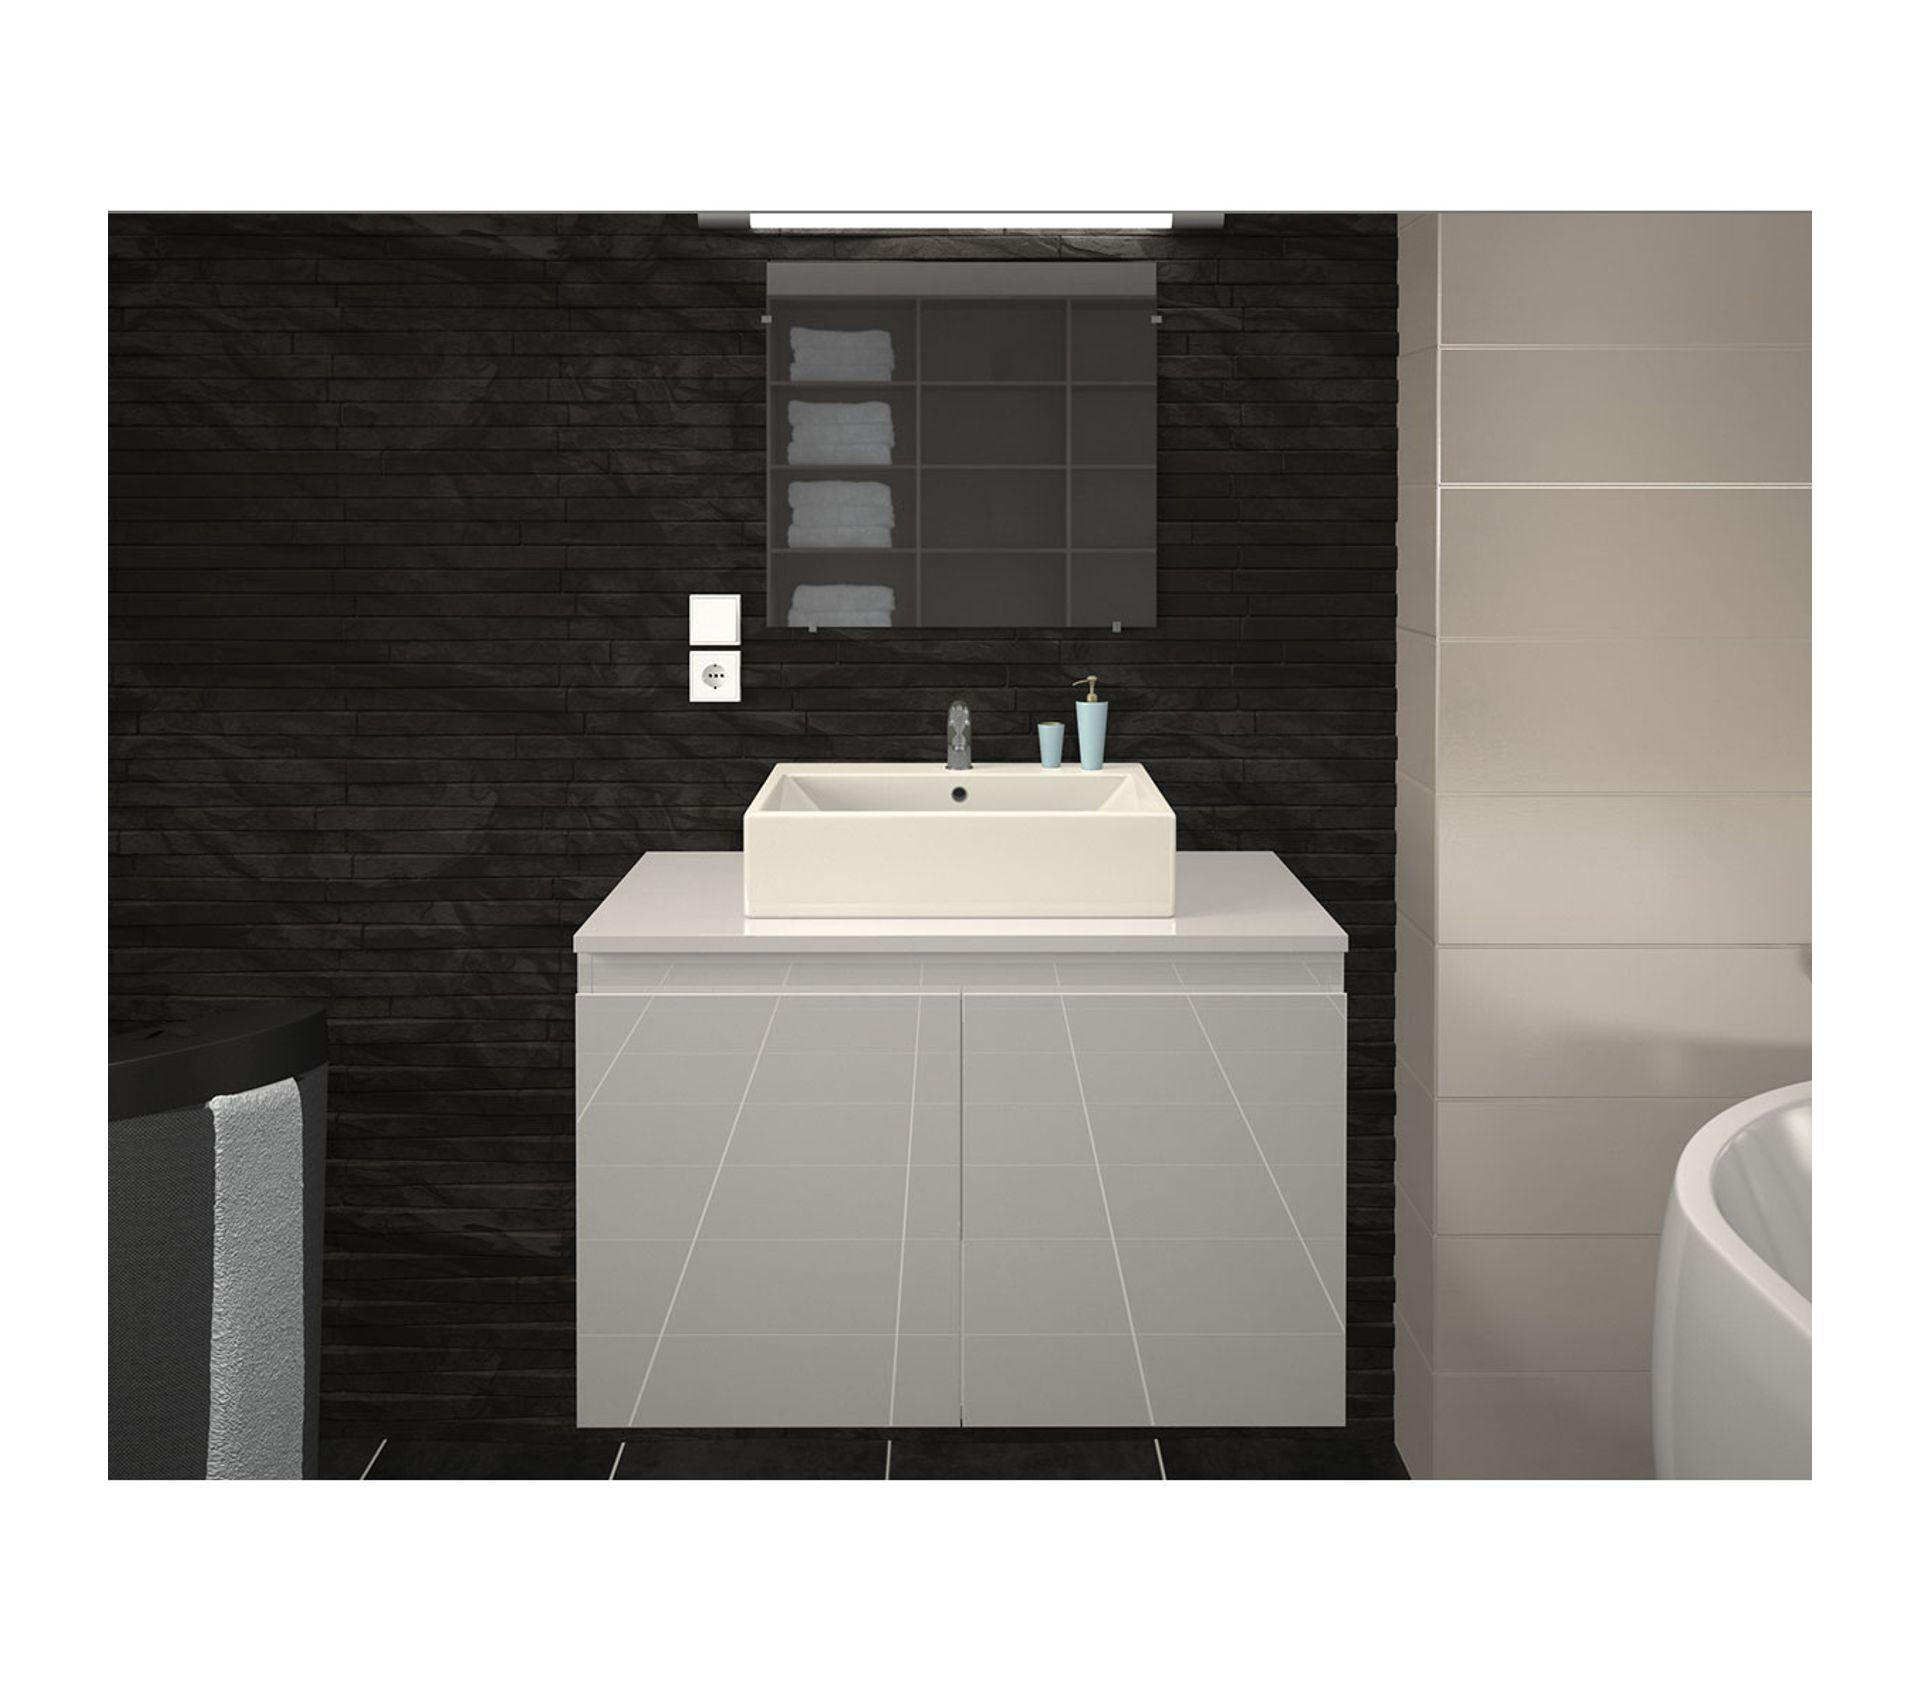 Tablette Salle De Bain 80 Cm meuble et vasque de salle de bain en 80 cm